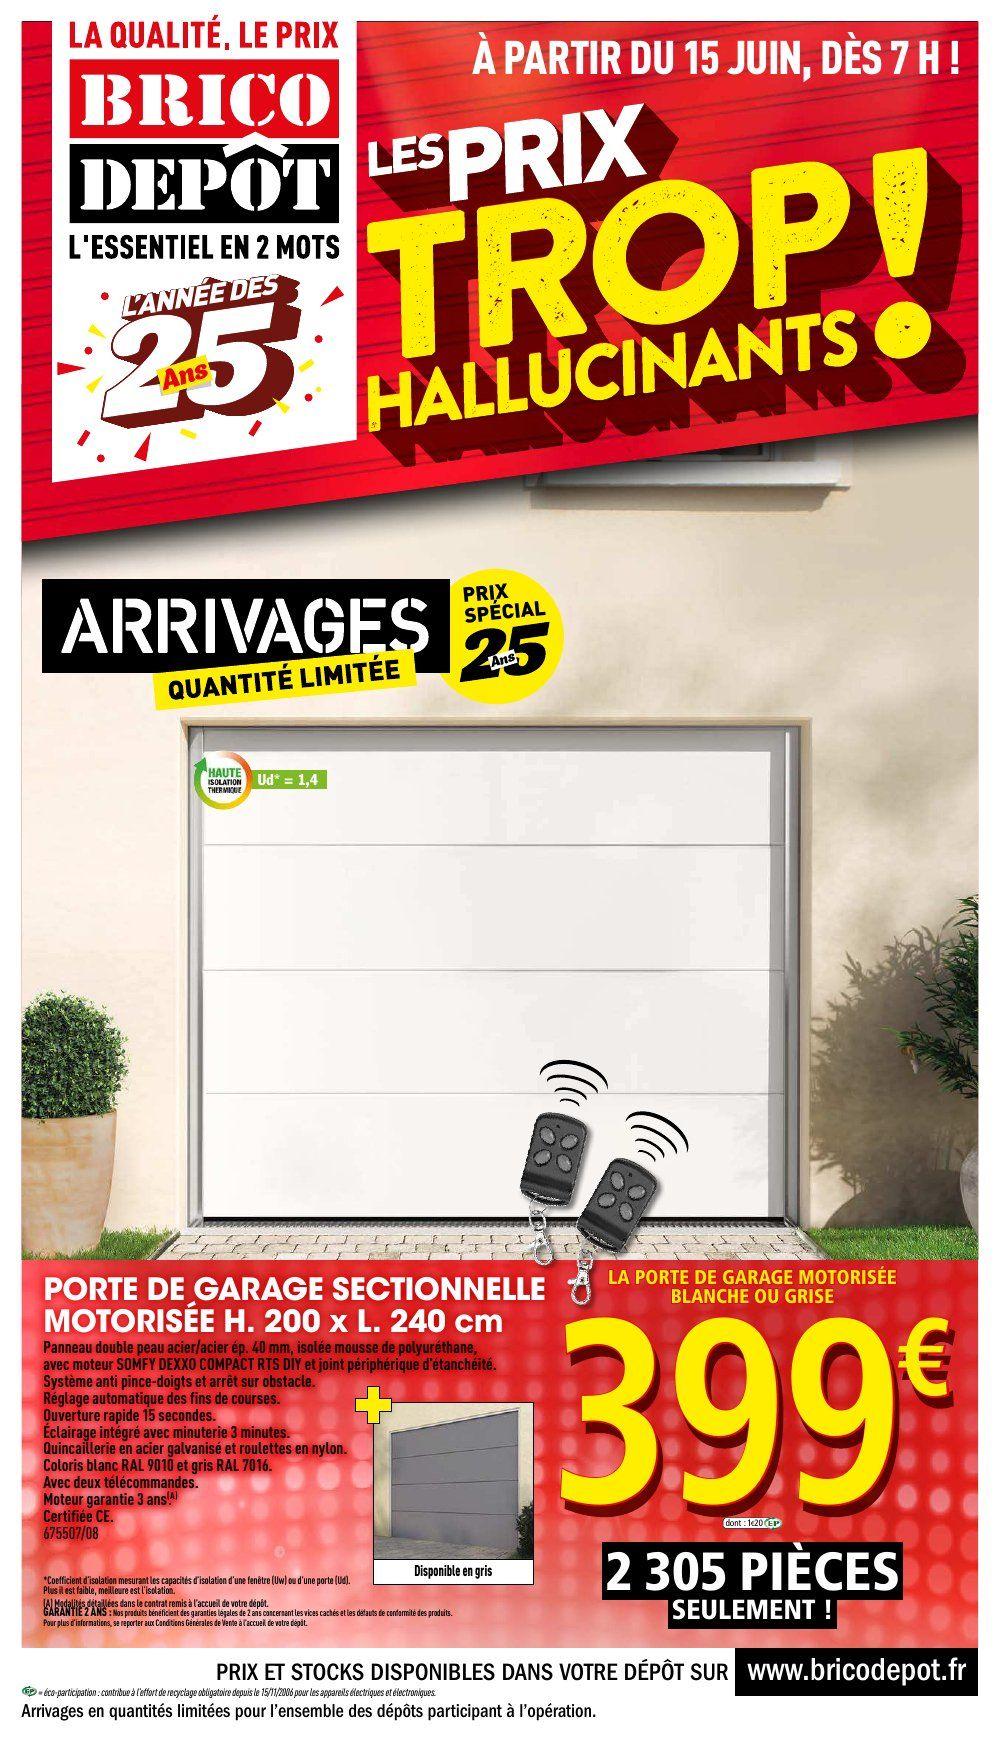 Catalogue Brico Dépôt 15 juin 05 juillet, 2018 Porte